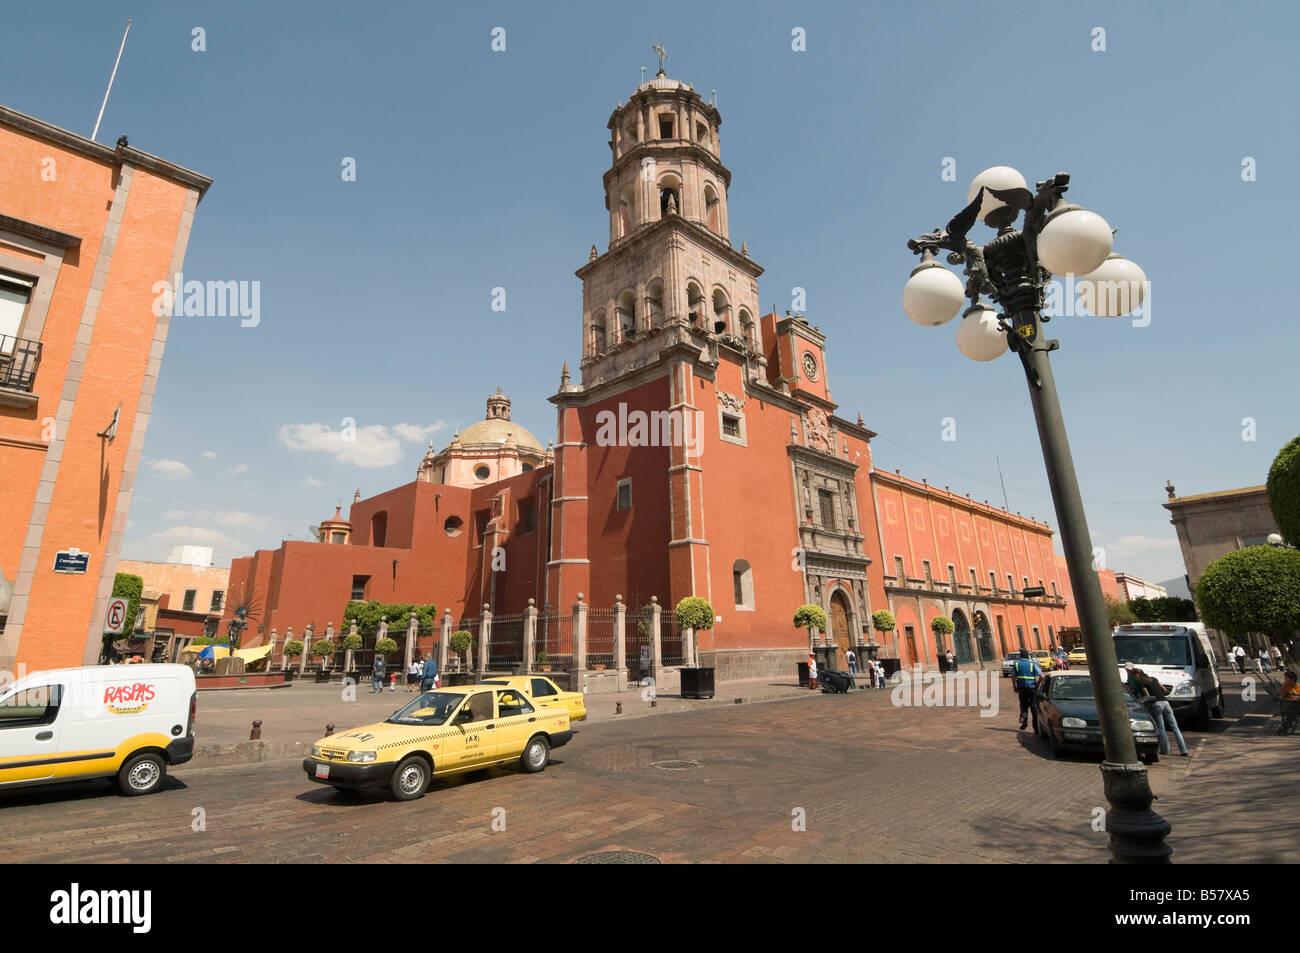 Turm der Kloster Kirche von San Francisco, Santiago de Querétaro (Querétaro), UNESCO-Weltkulturerbe, Queretaro Stockbild